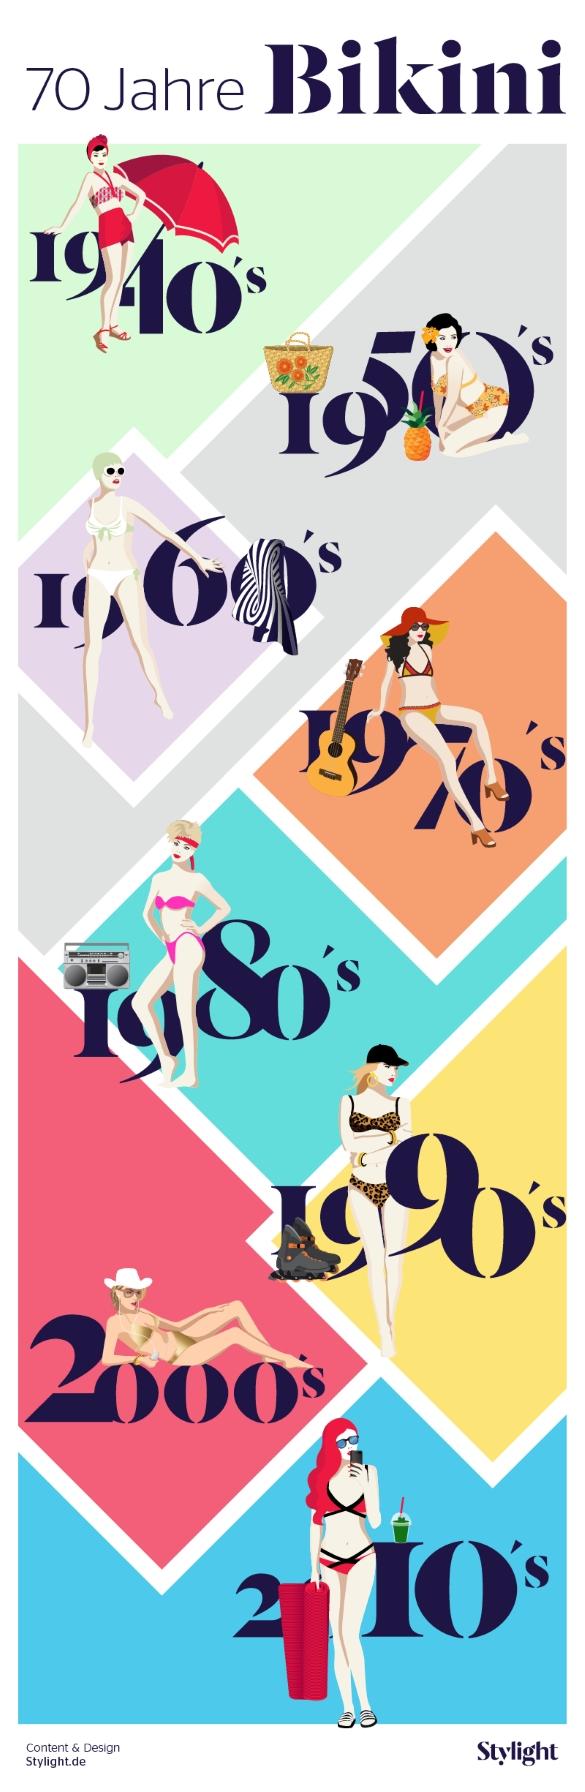 70 Jahre Bikini © Stylight